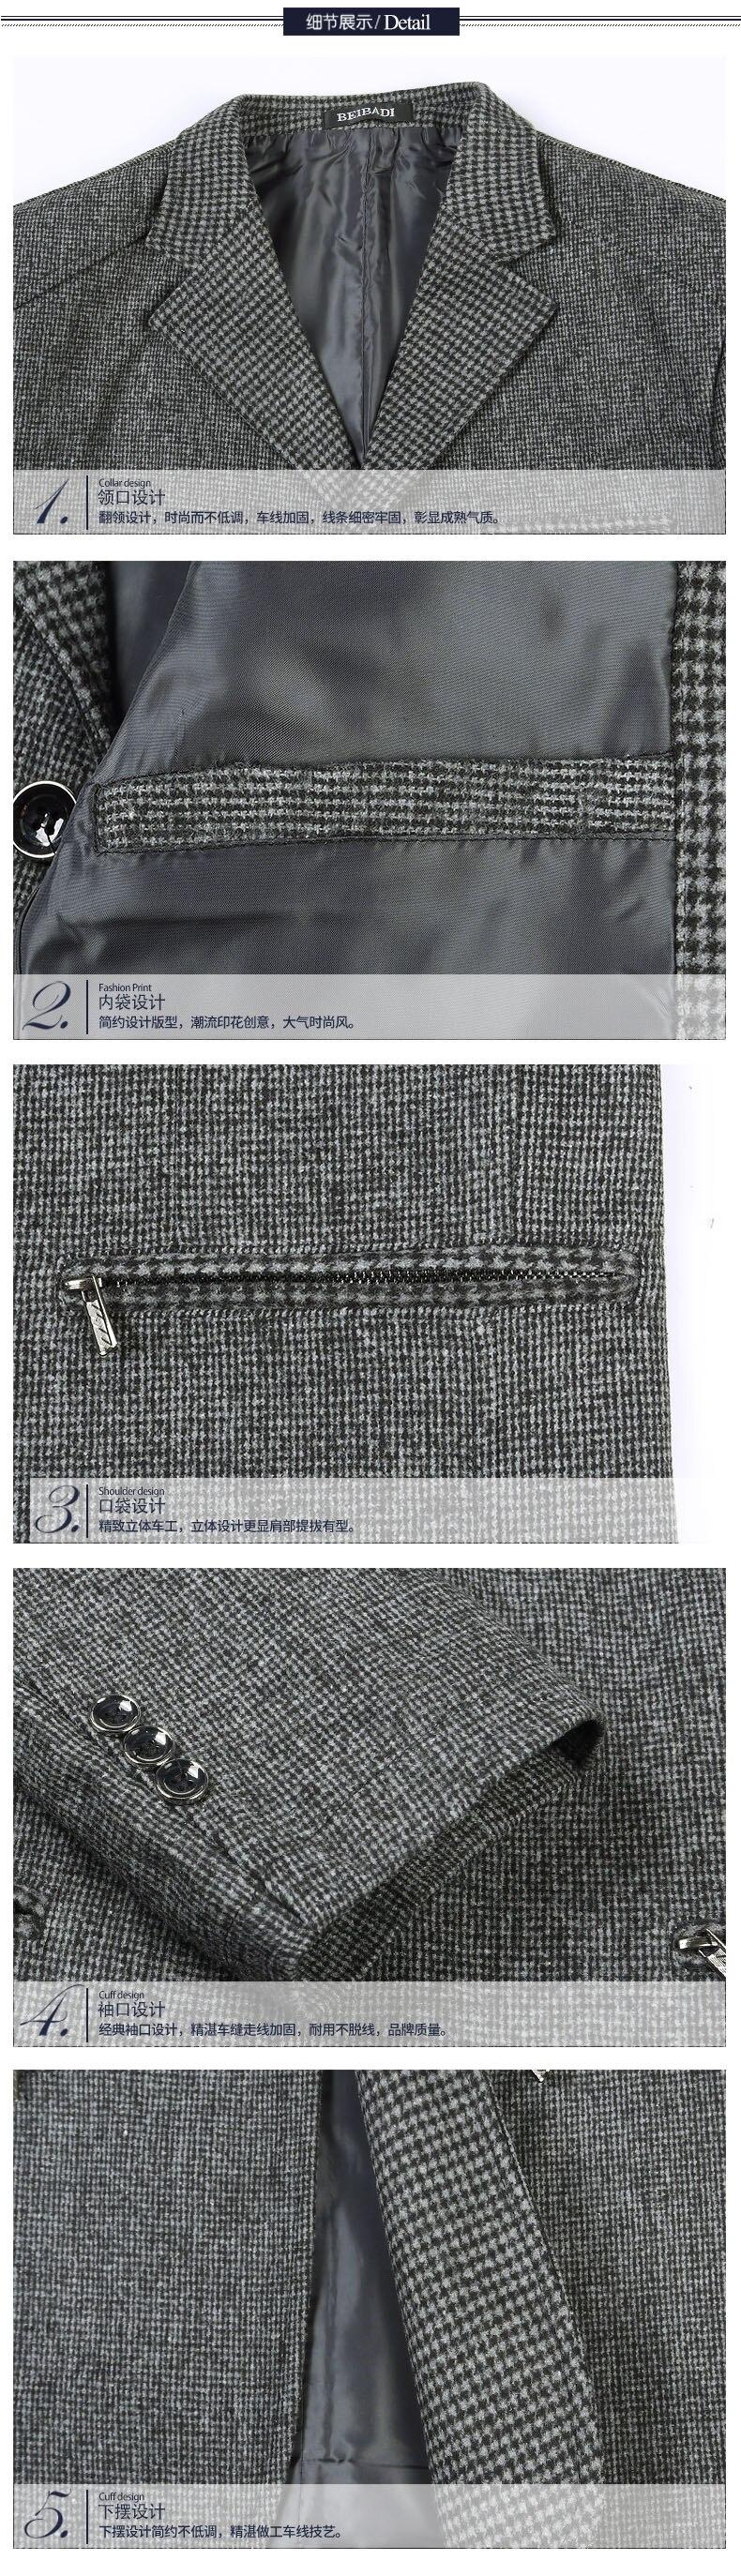 WAEOLSA Men Smart Casual Blazers Man Gray Suit Jacket Blend Outfits Male Plain Color Blazer Mens Elegance Suit Coats Leisure Wear (1)